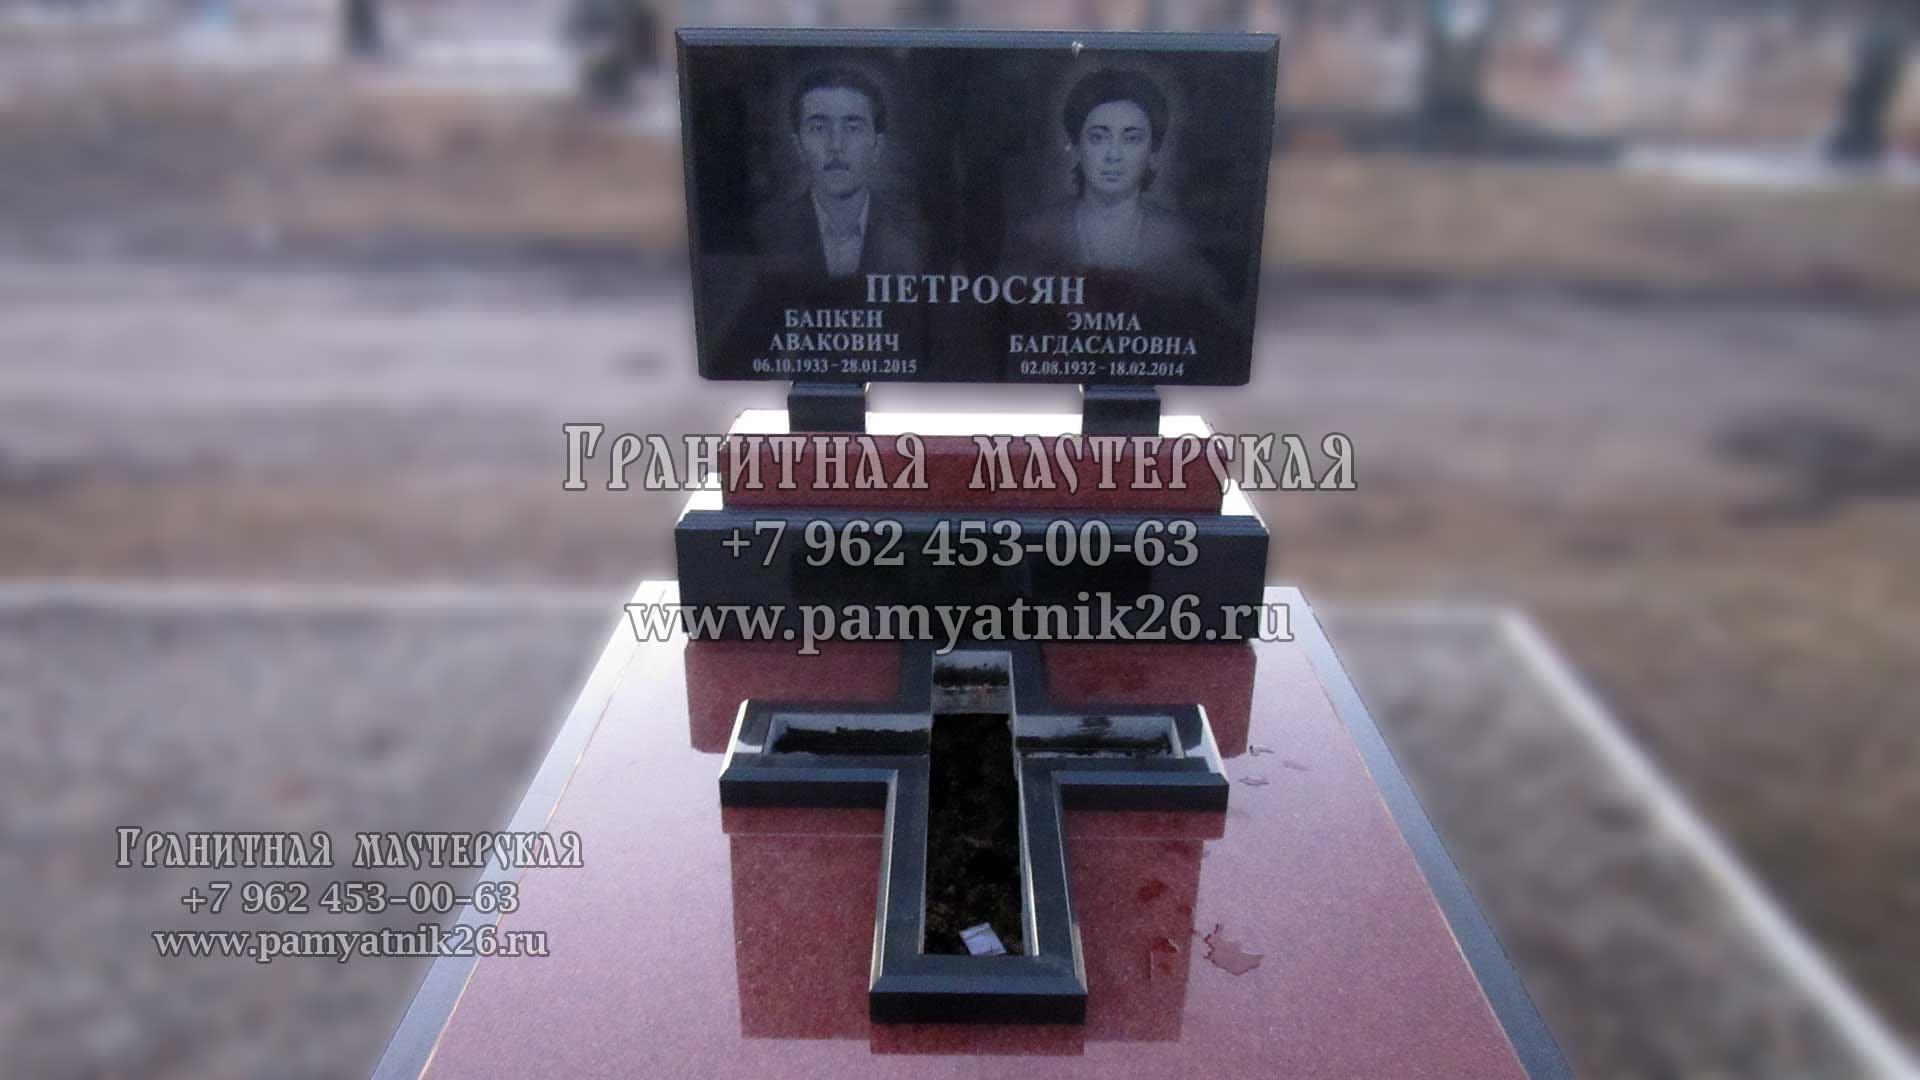 Цены на памятники орле фото памятники из гранита изготовление шостка